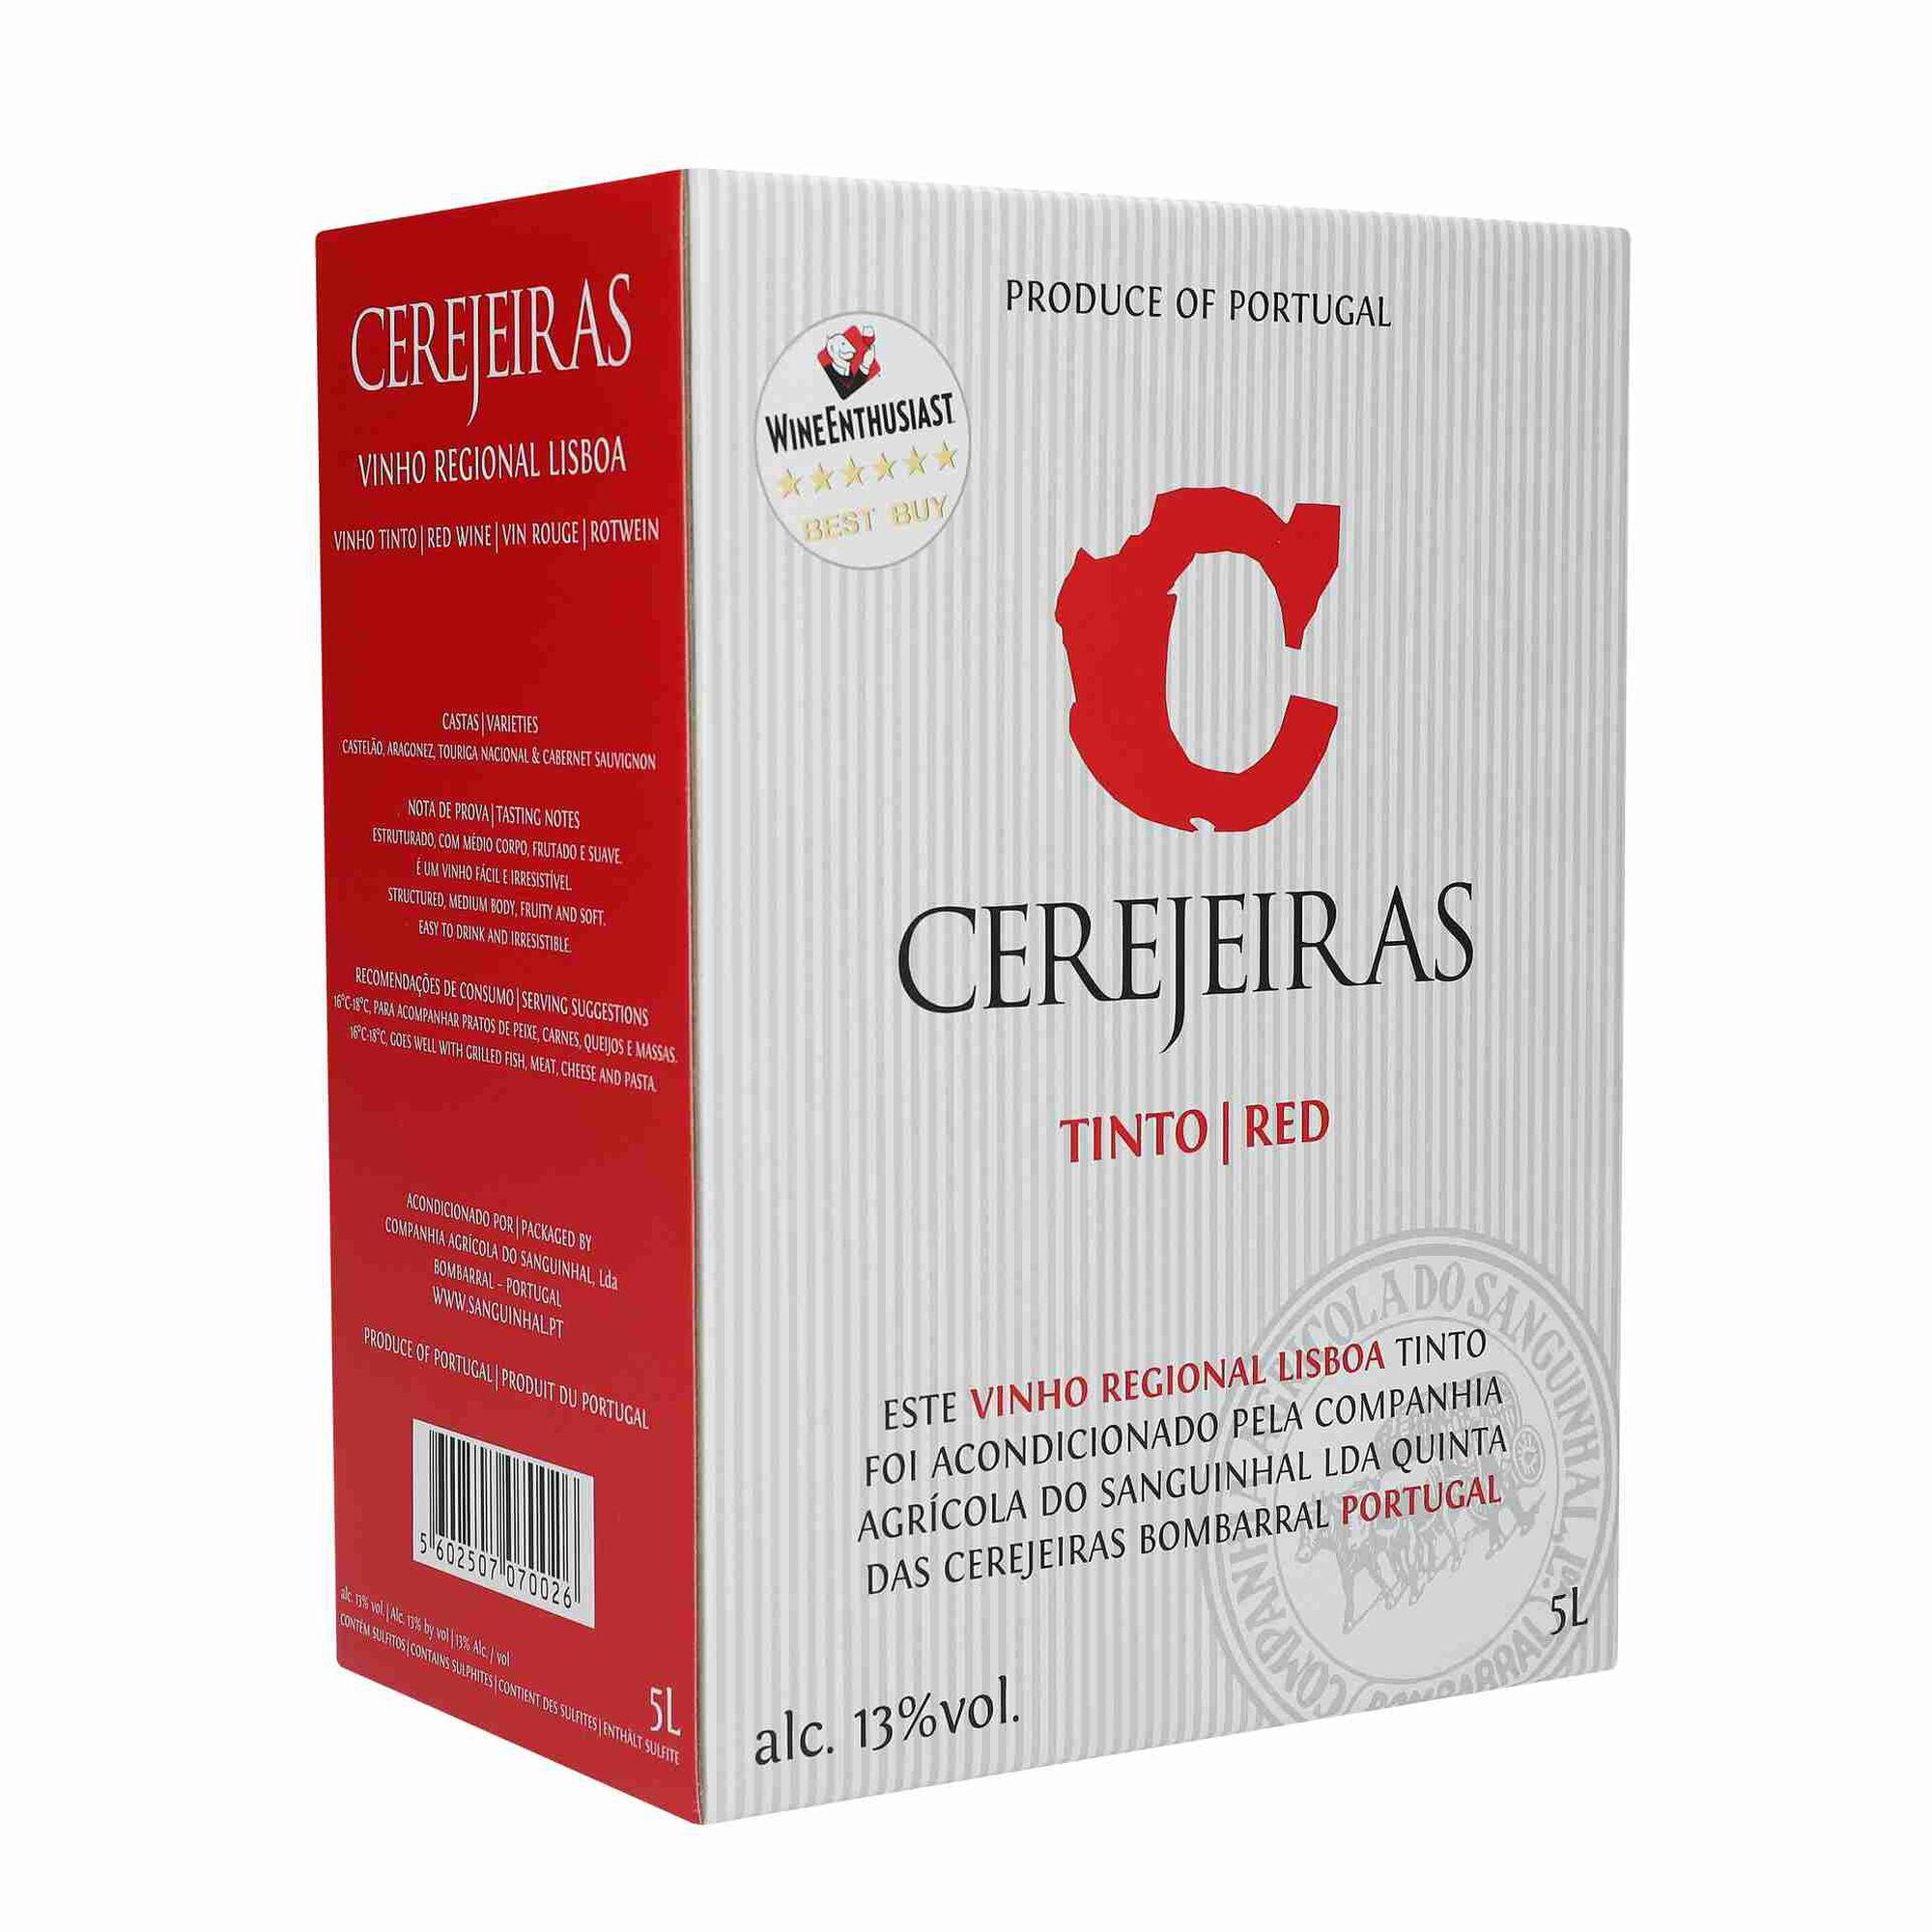 Cerejeiras Regional Lisboa Vinho Tinto